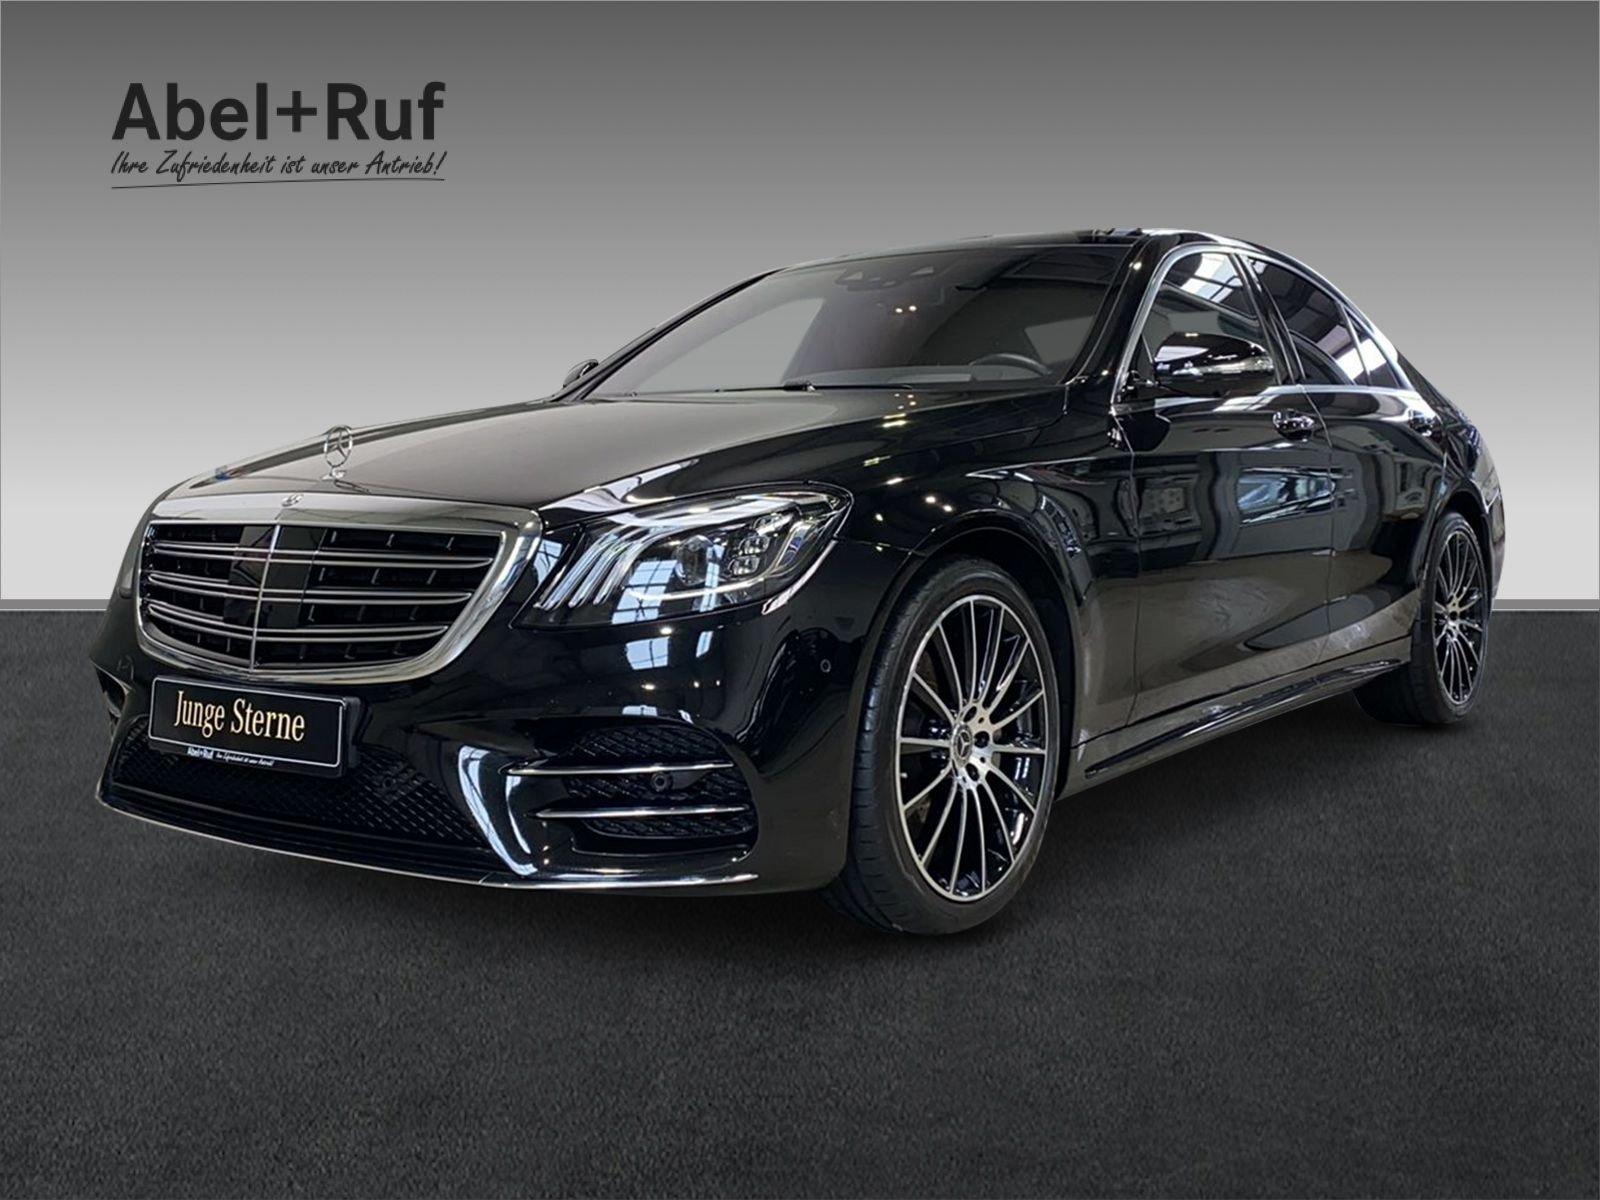 Mercedes-Benz S 400d 4M+AMG+MULTIBEAM+PANO+DISTRONIC+360°, Jahr 2019, Diesel